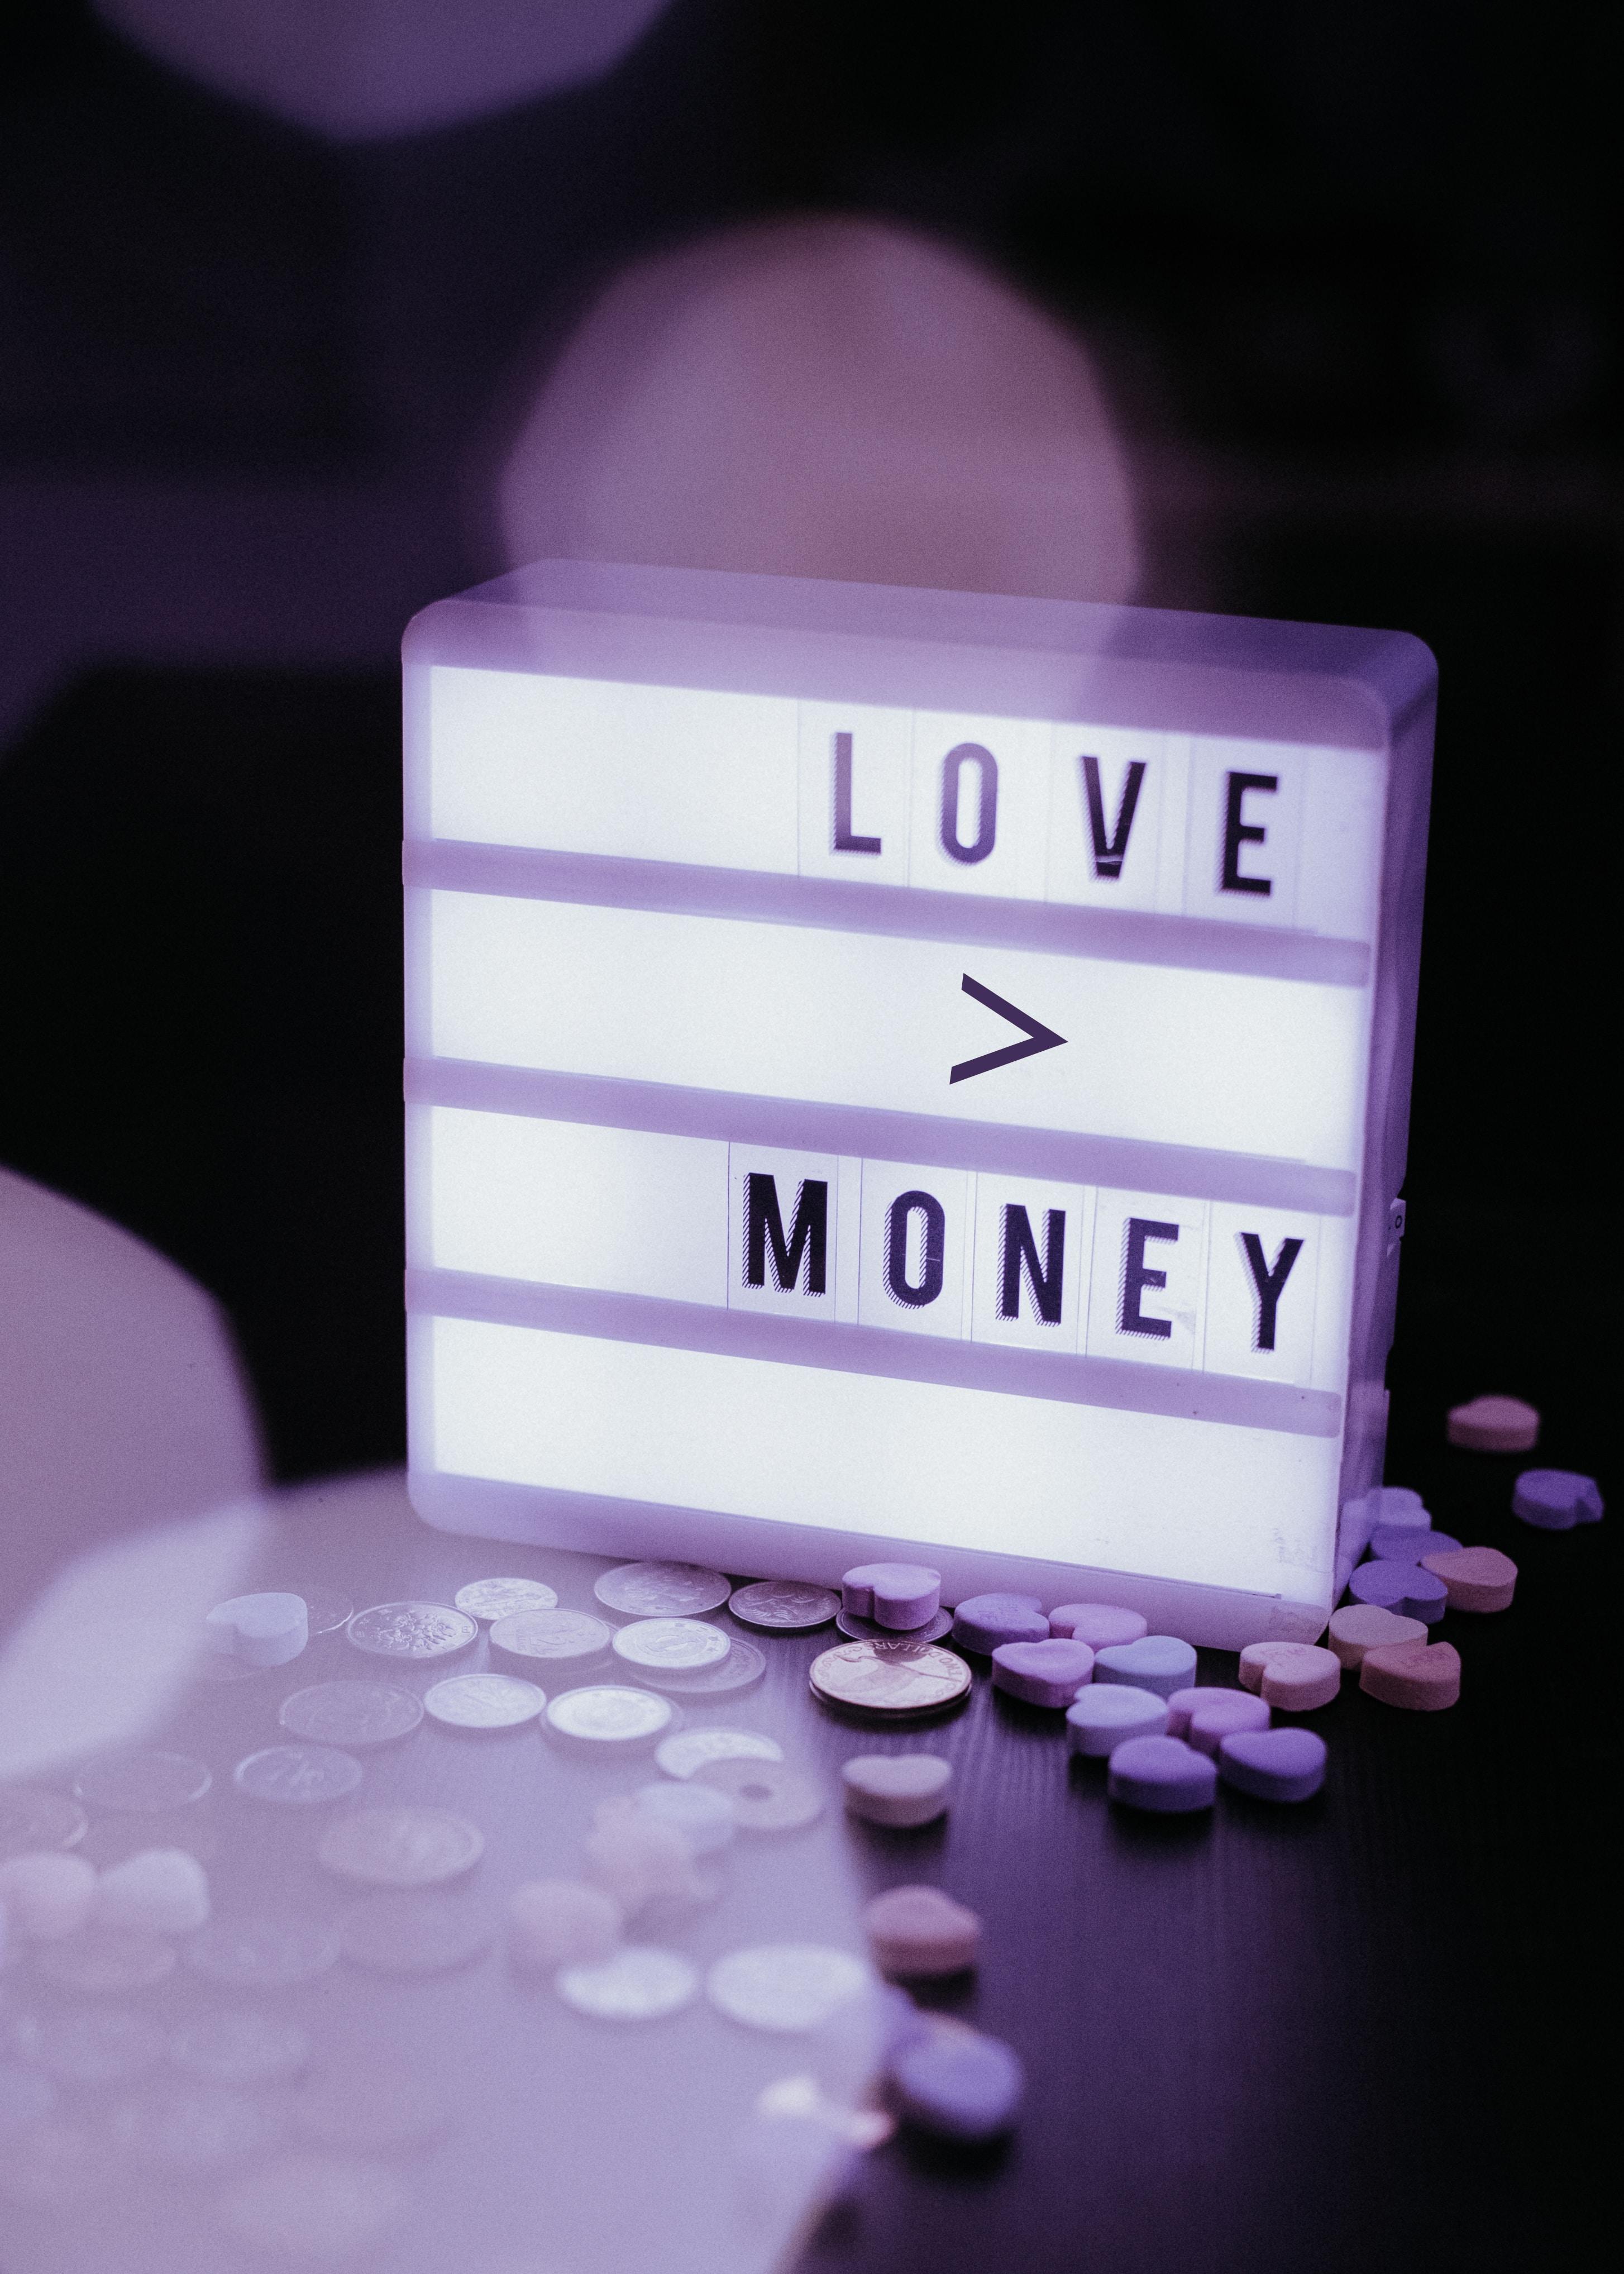 71292 Заставки и Обои Деньги на телефон. Скачать Деньги, Любовь, Слова, Свет, Табличка картинки бесплатно